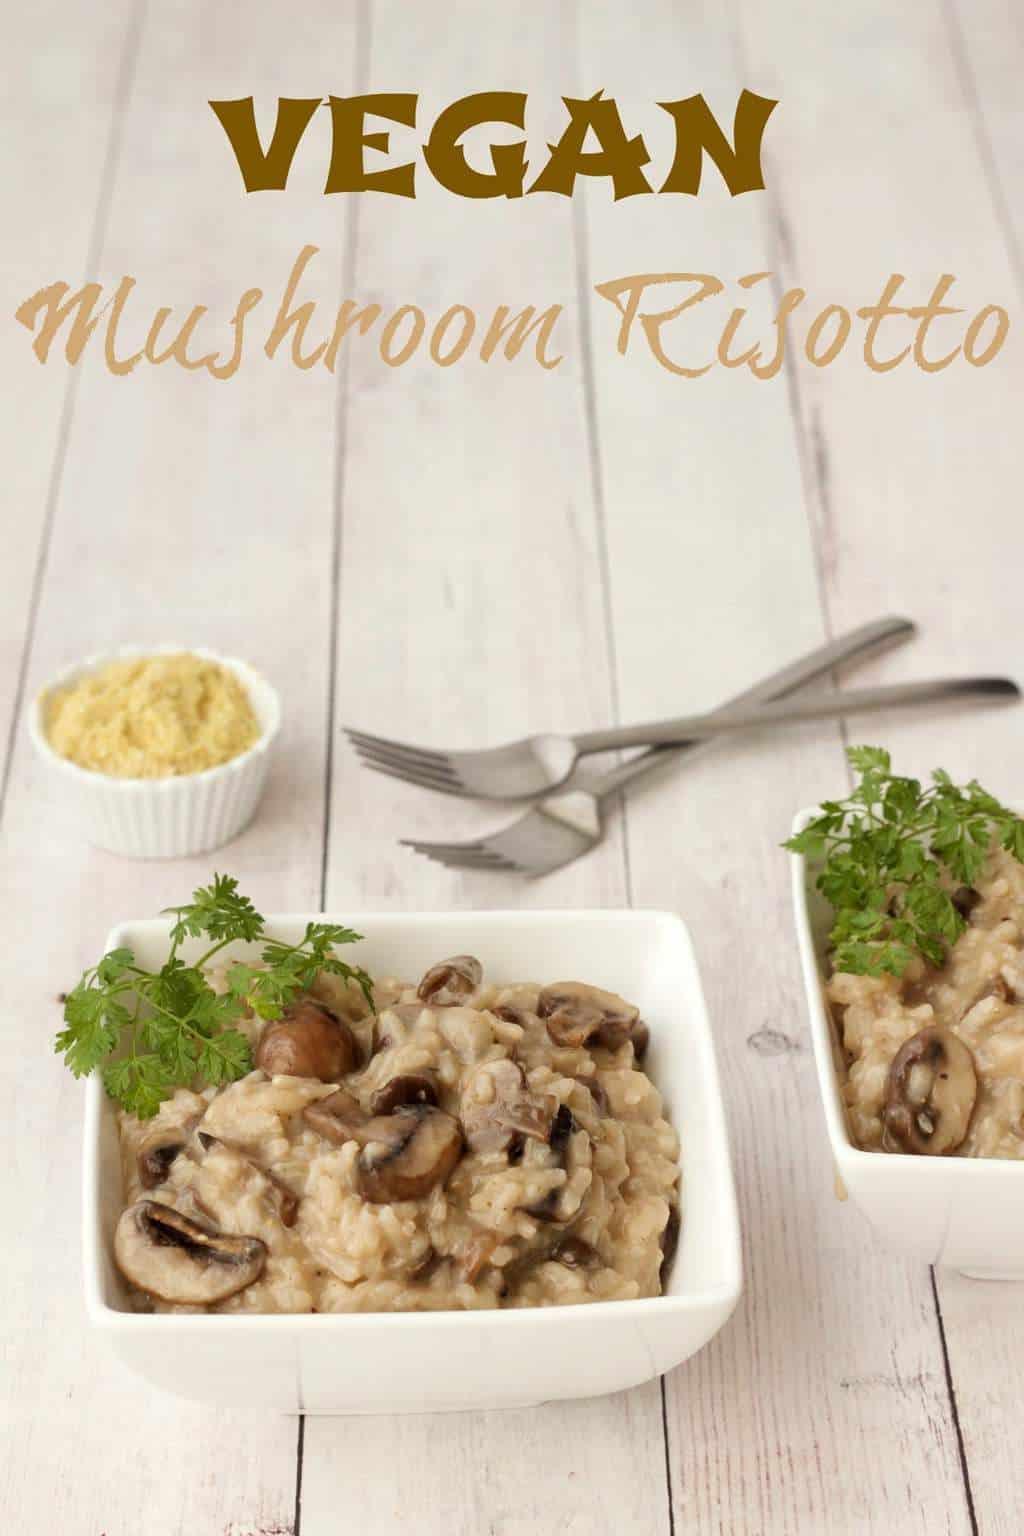 Vegan Mushroom Risotto #vegan #lovingitvegan #risotto #mushroom #glutenfree #dairyfree #entree